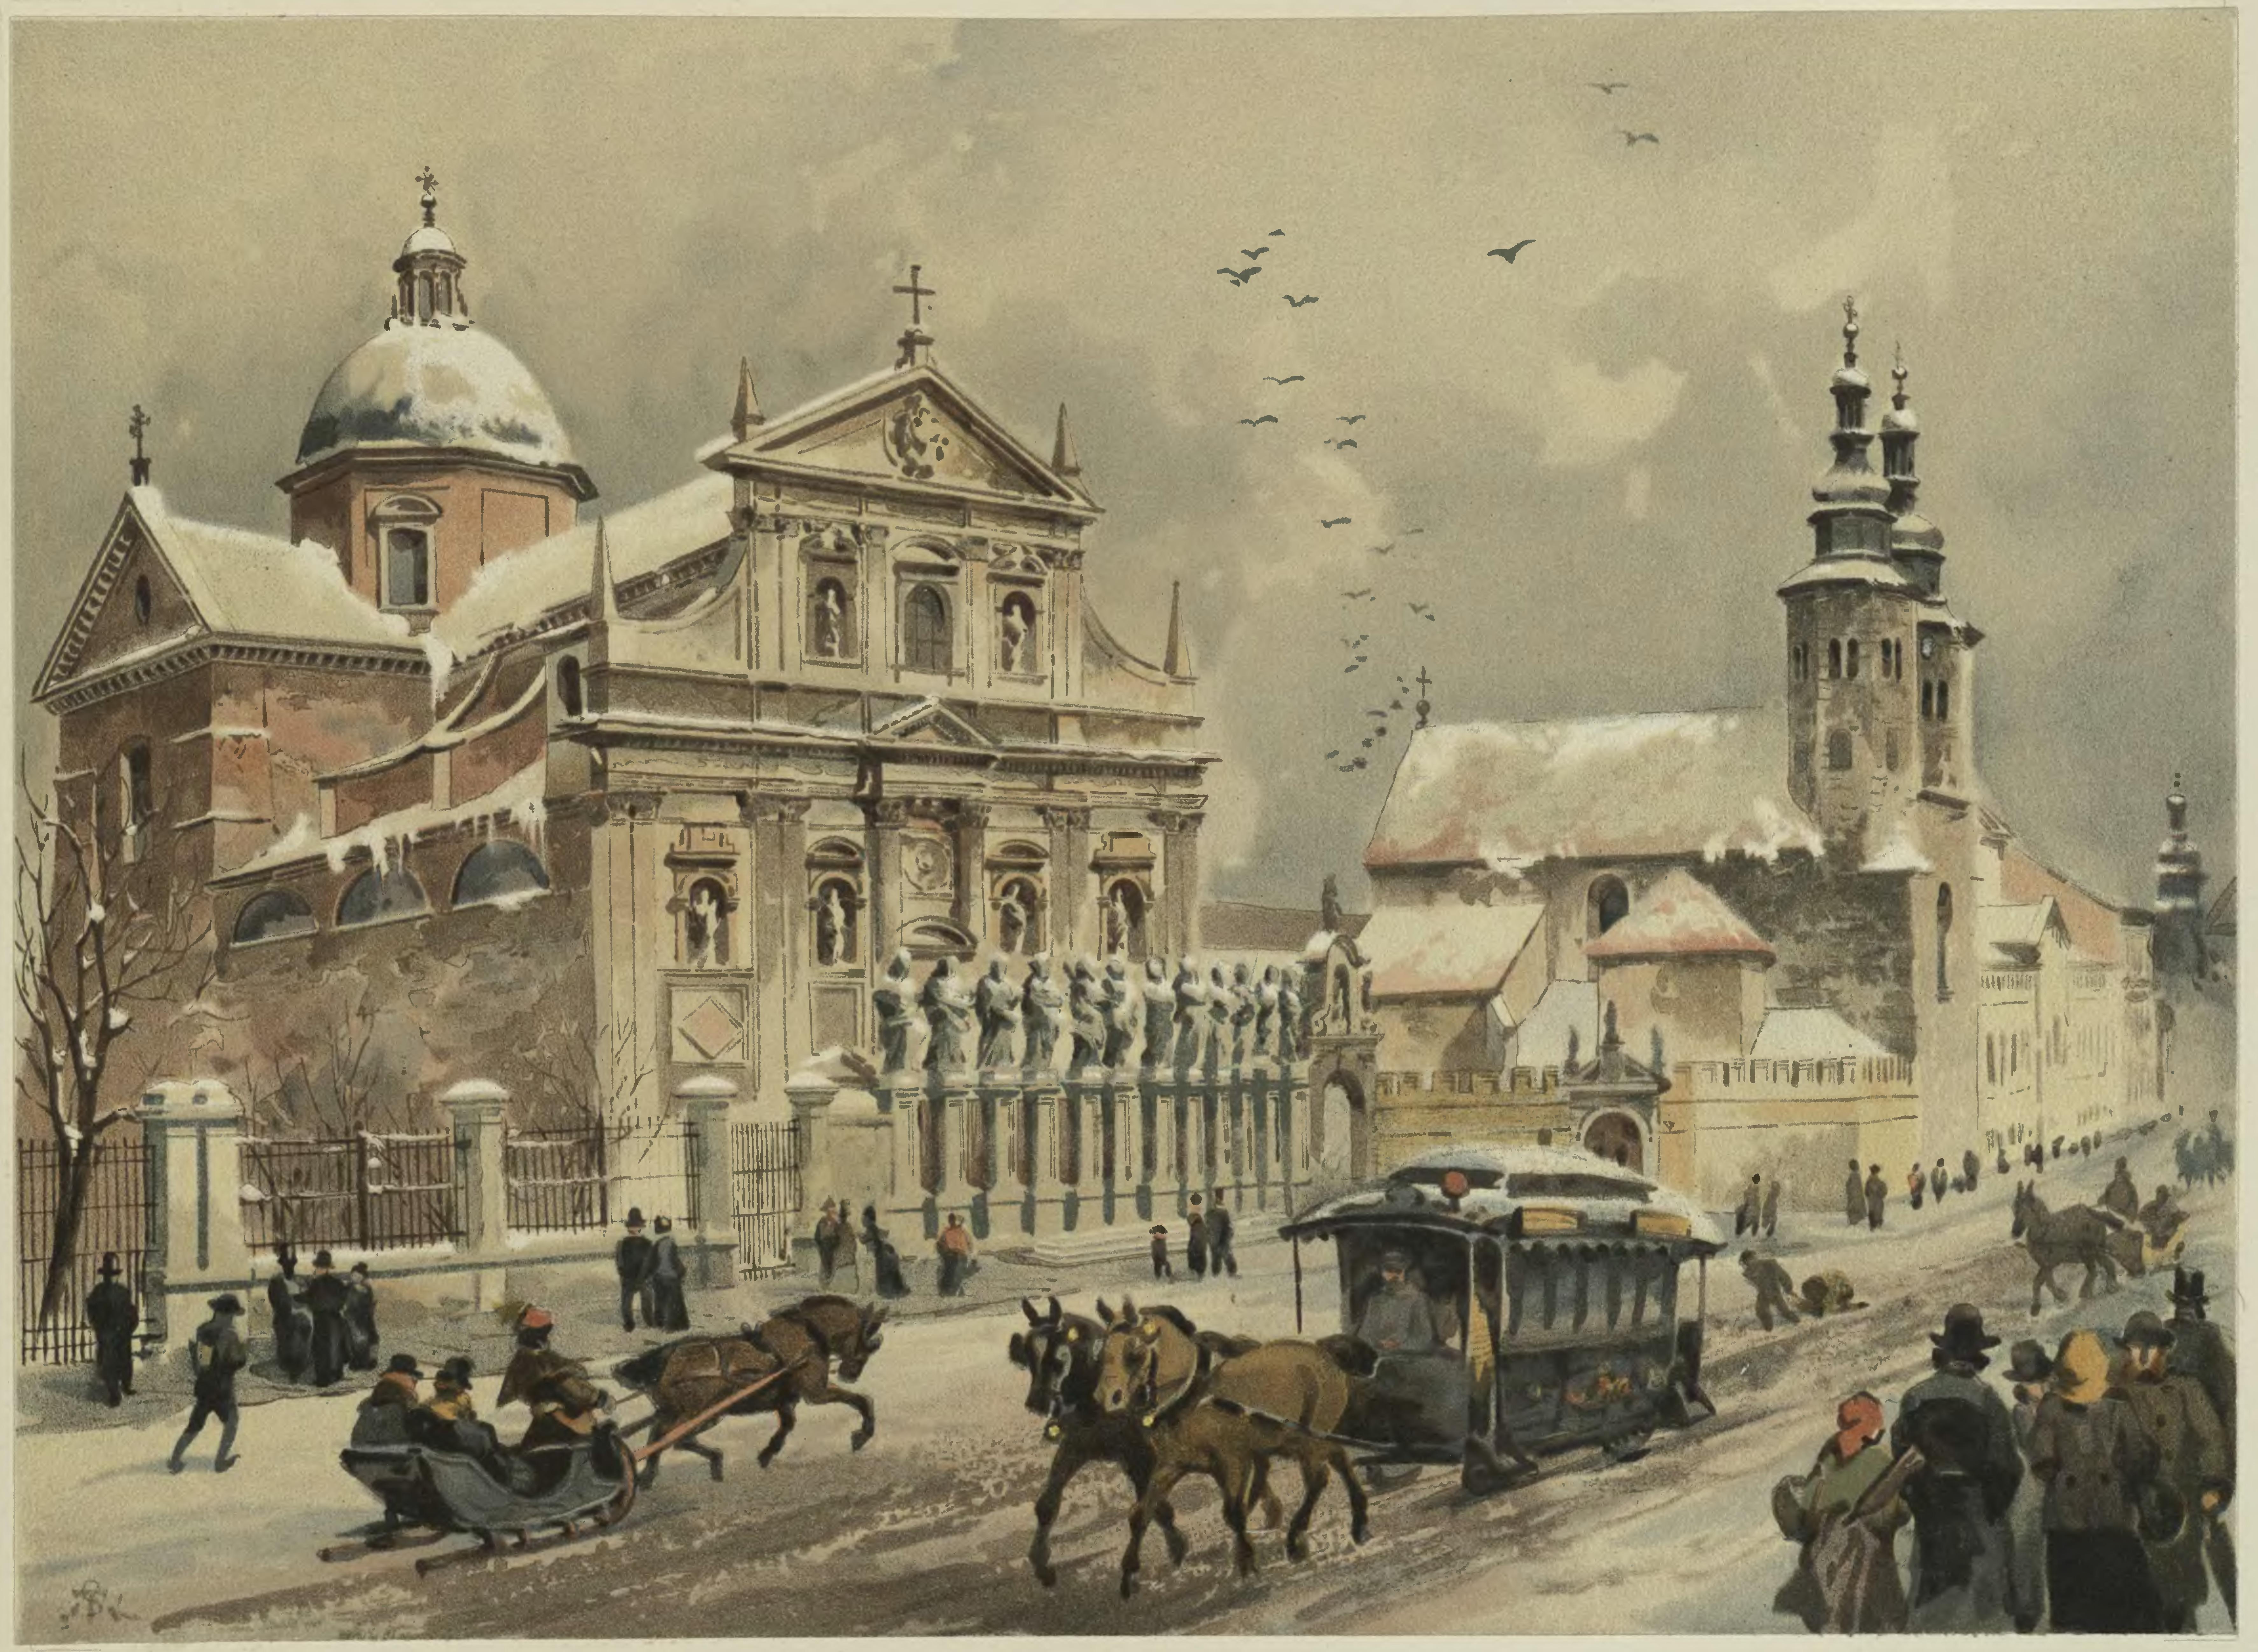 """Juliusz Kossak (1824-1899) i Stanisław Tondos (1854-1917) """"Kościół śś. Piotra w Pawła"""", chromolitografia z 1886 roku"""